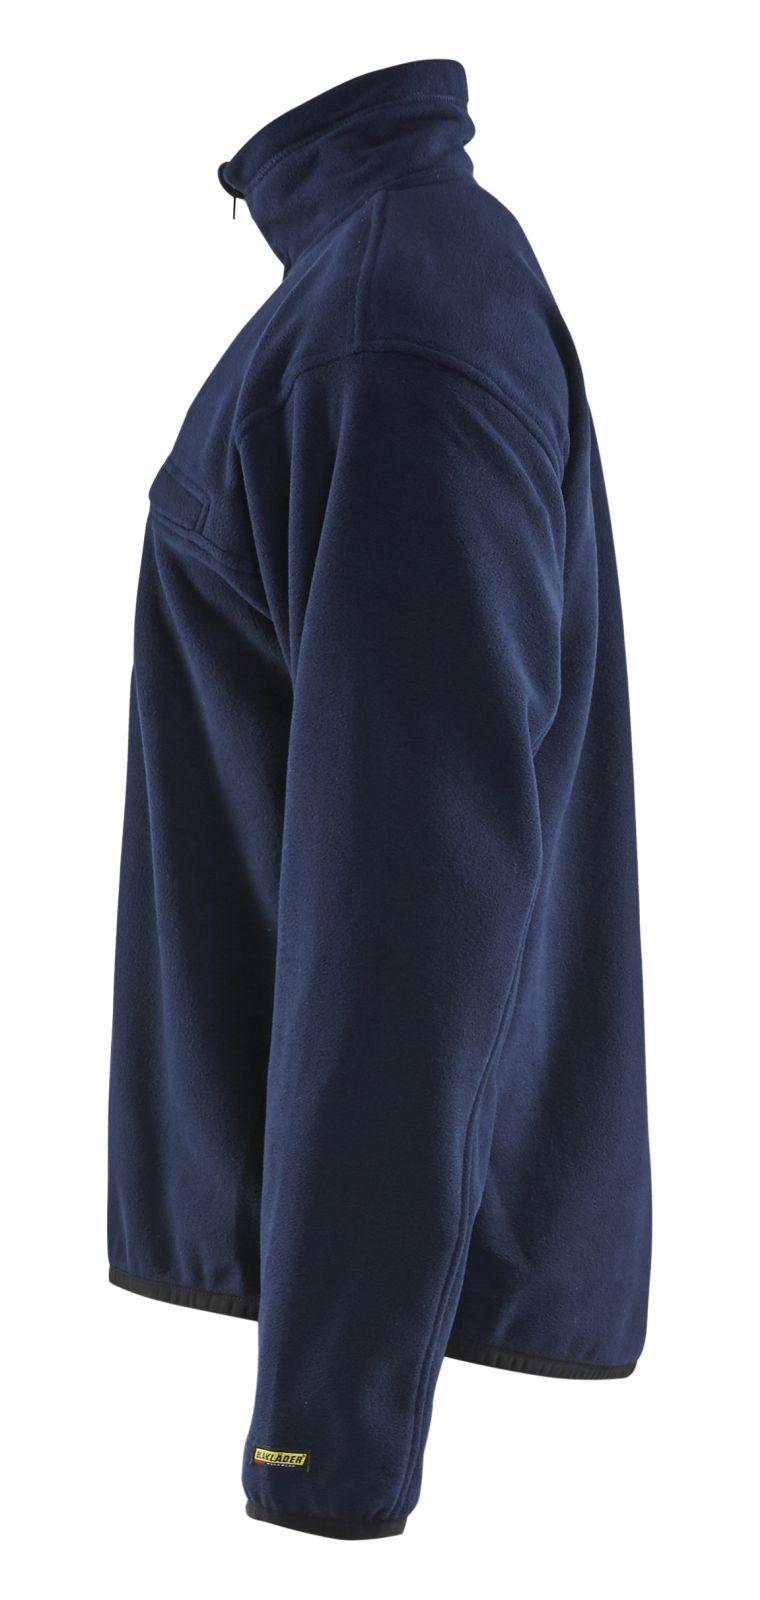 Blaklader Fleece pullover 48312540 marineblauw(8900)